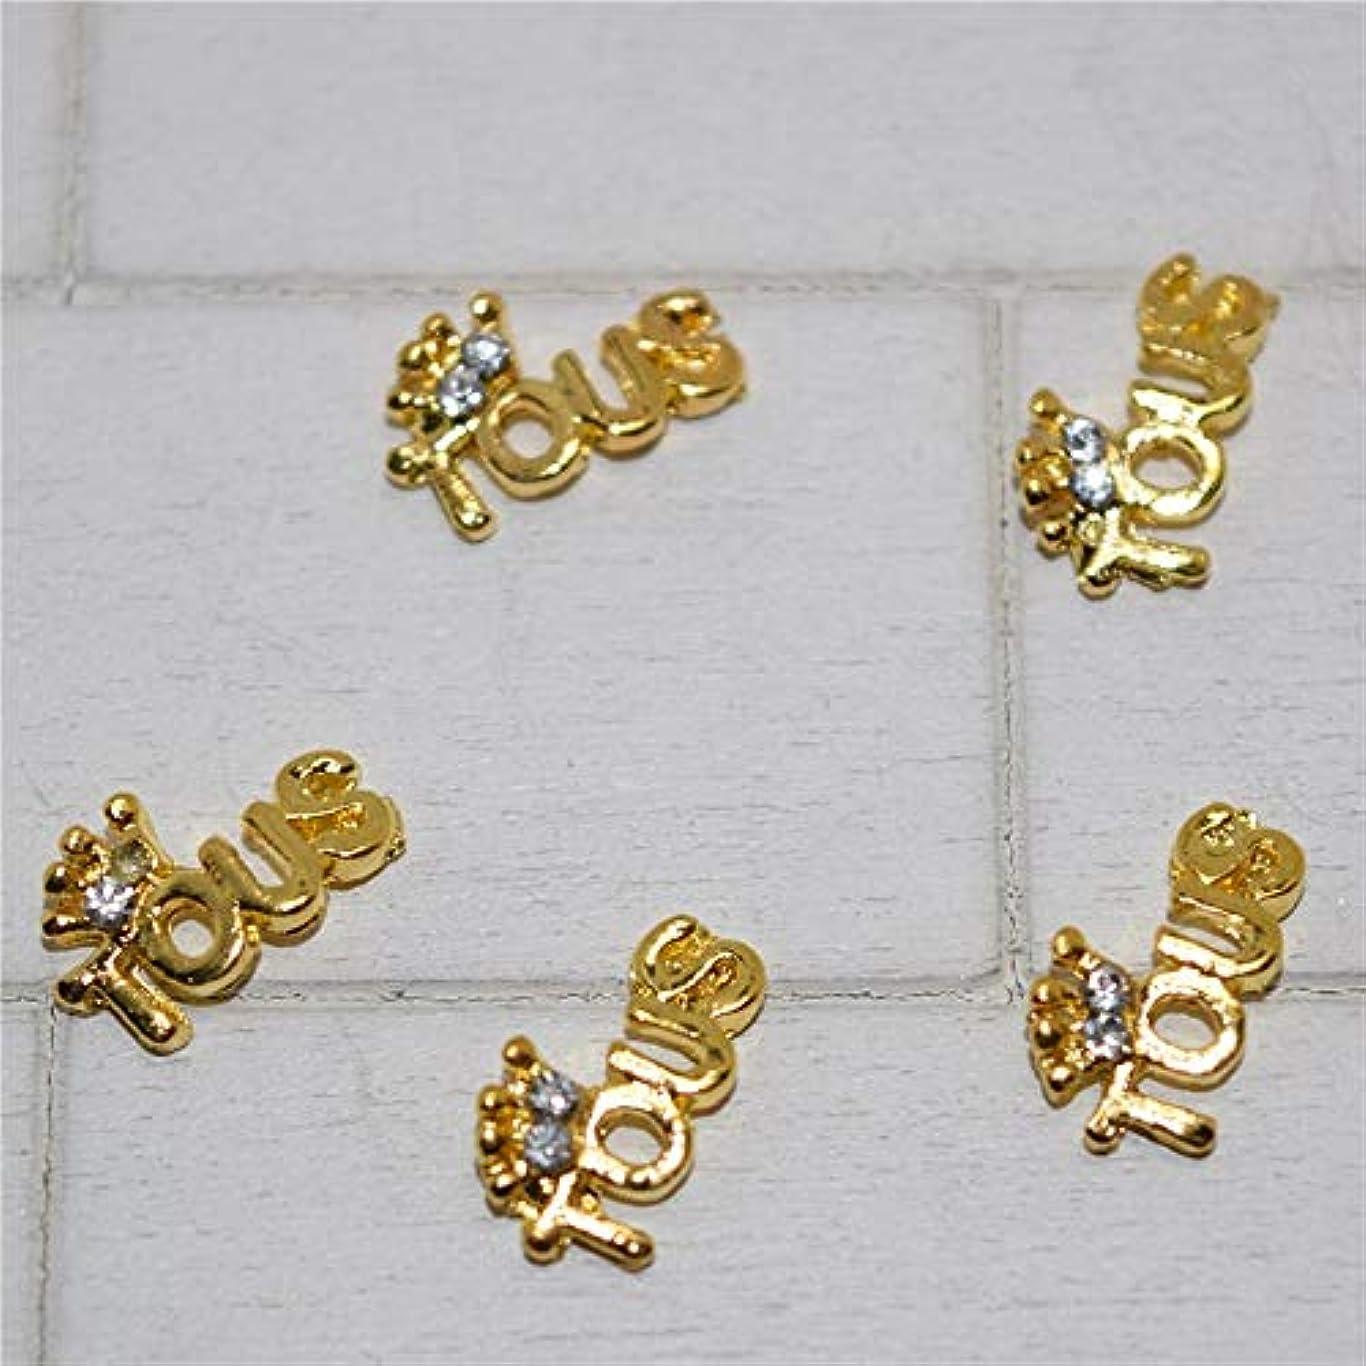 踏みつけお茶アセ10psc新ゴールデンラインストーンの手紙3Dネイルアートの装飾、合金ネイルチャーム、爪ラインストーンネイル用品